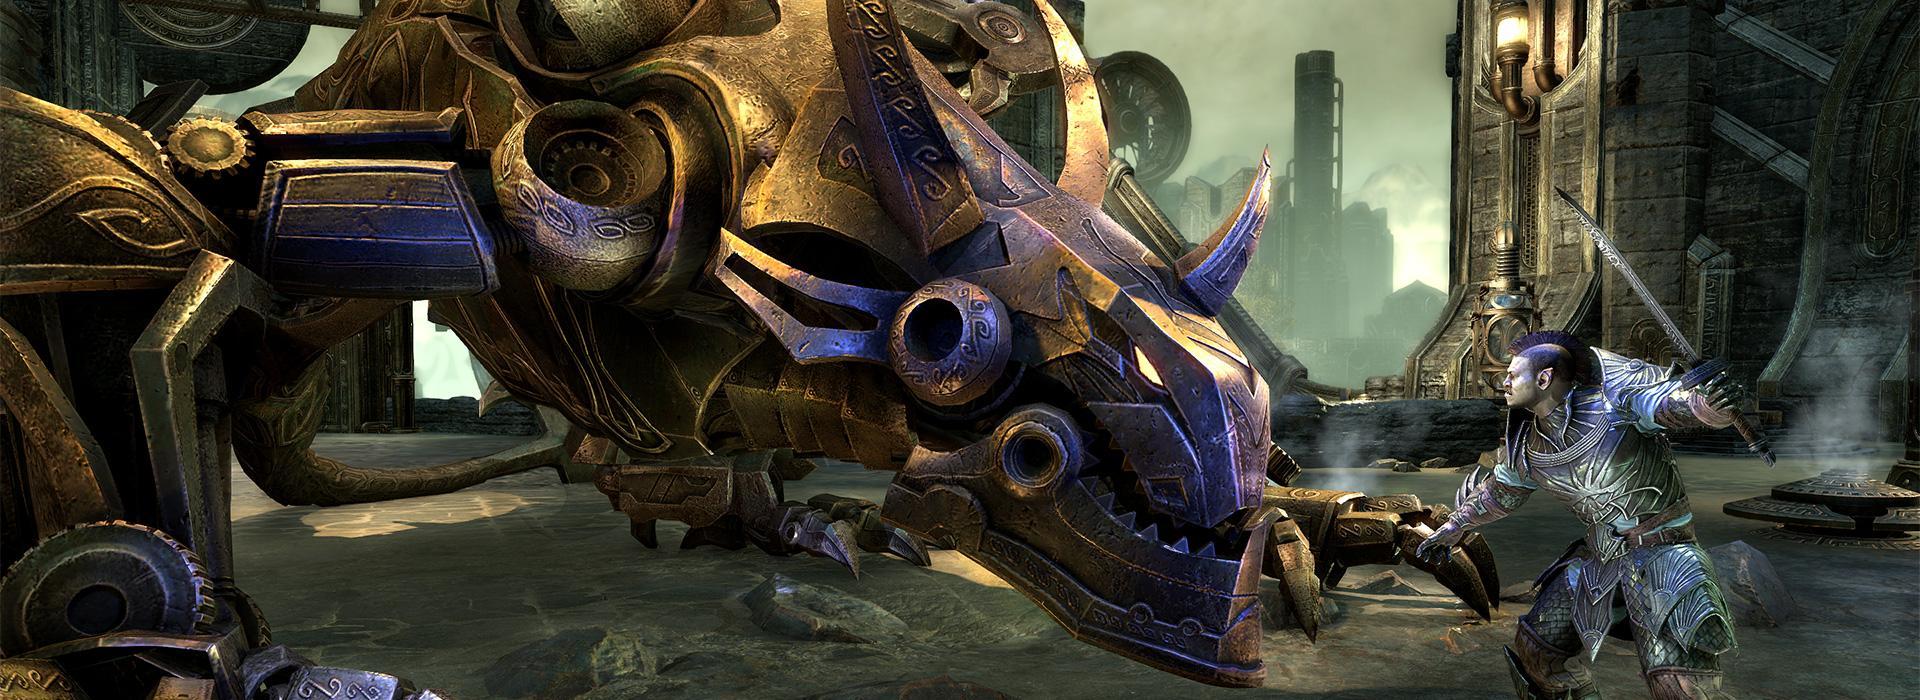 Elder Scrolls Online: Diese Features wünschen sich Fans für 2019